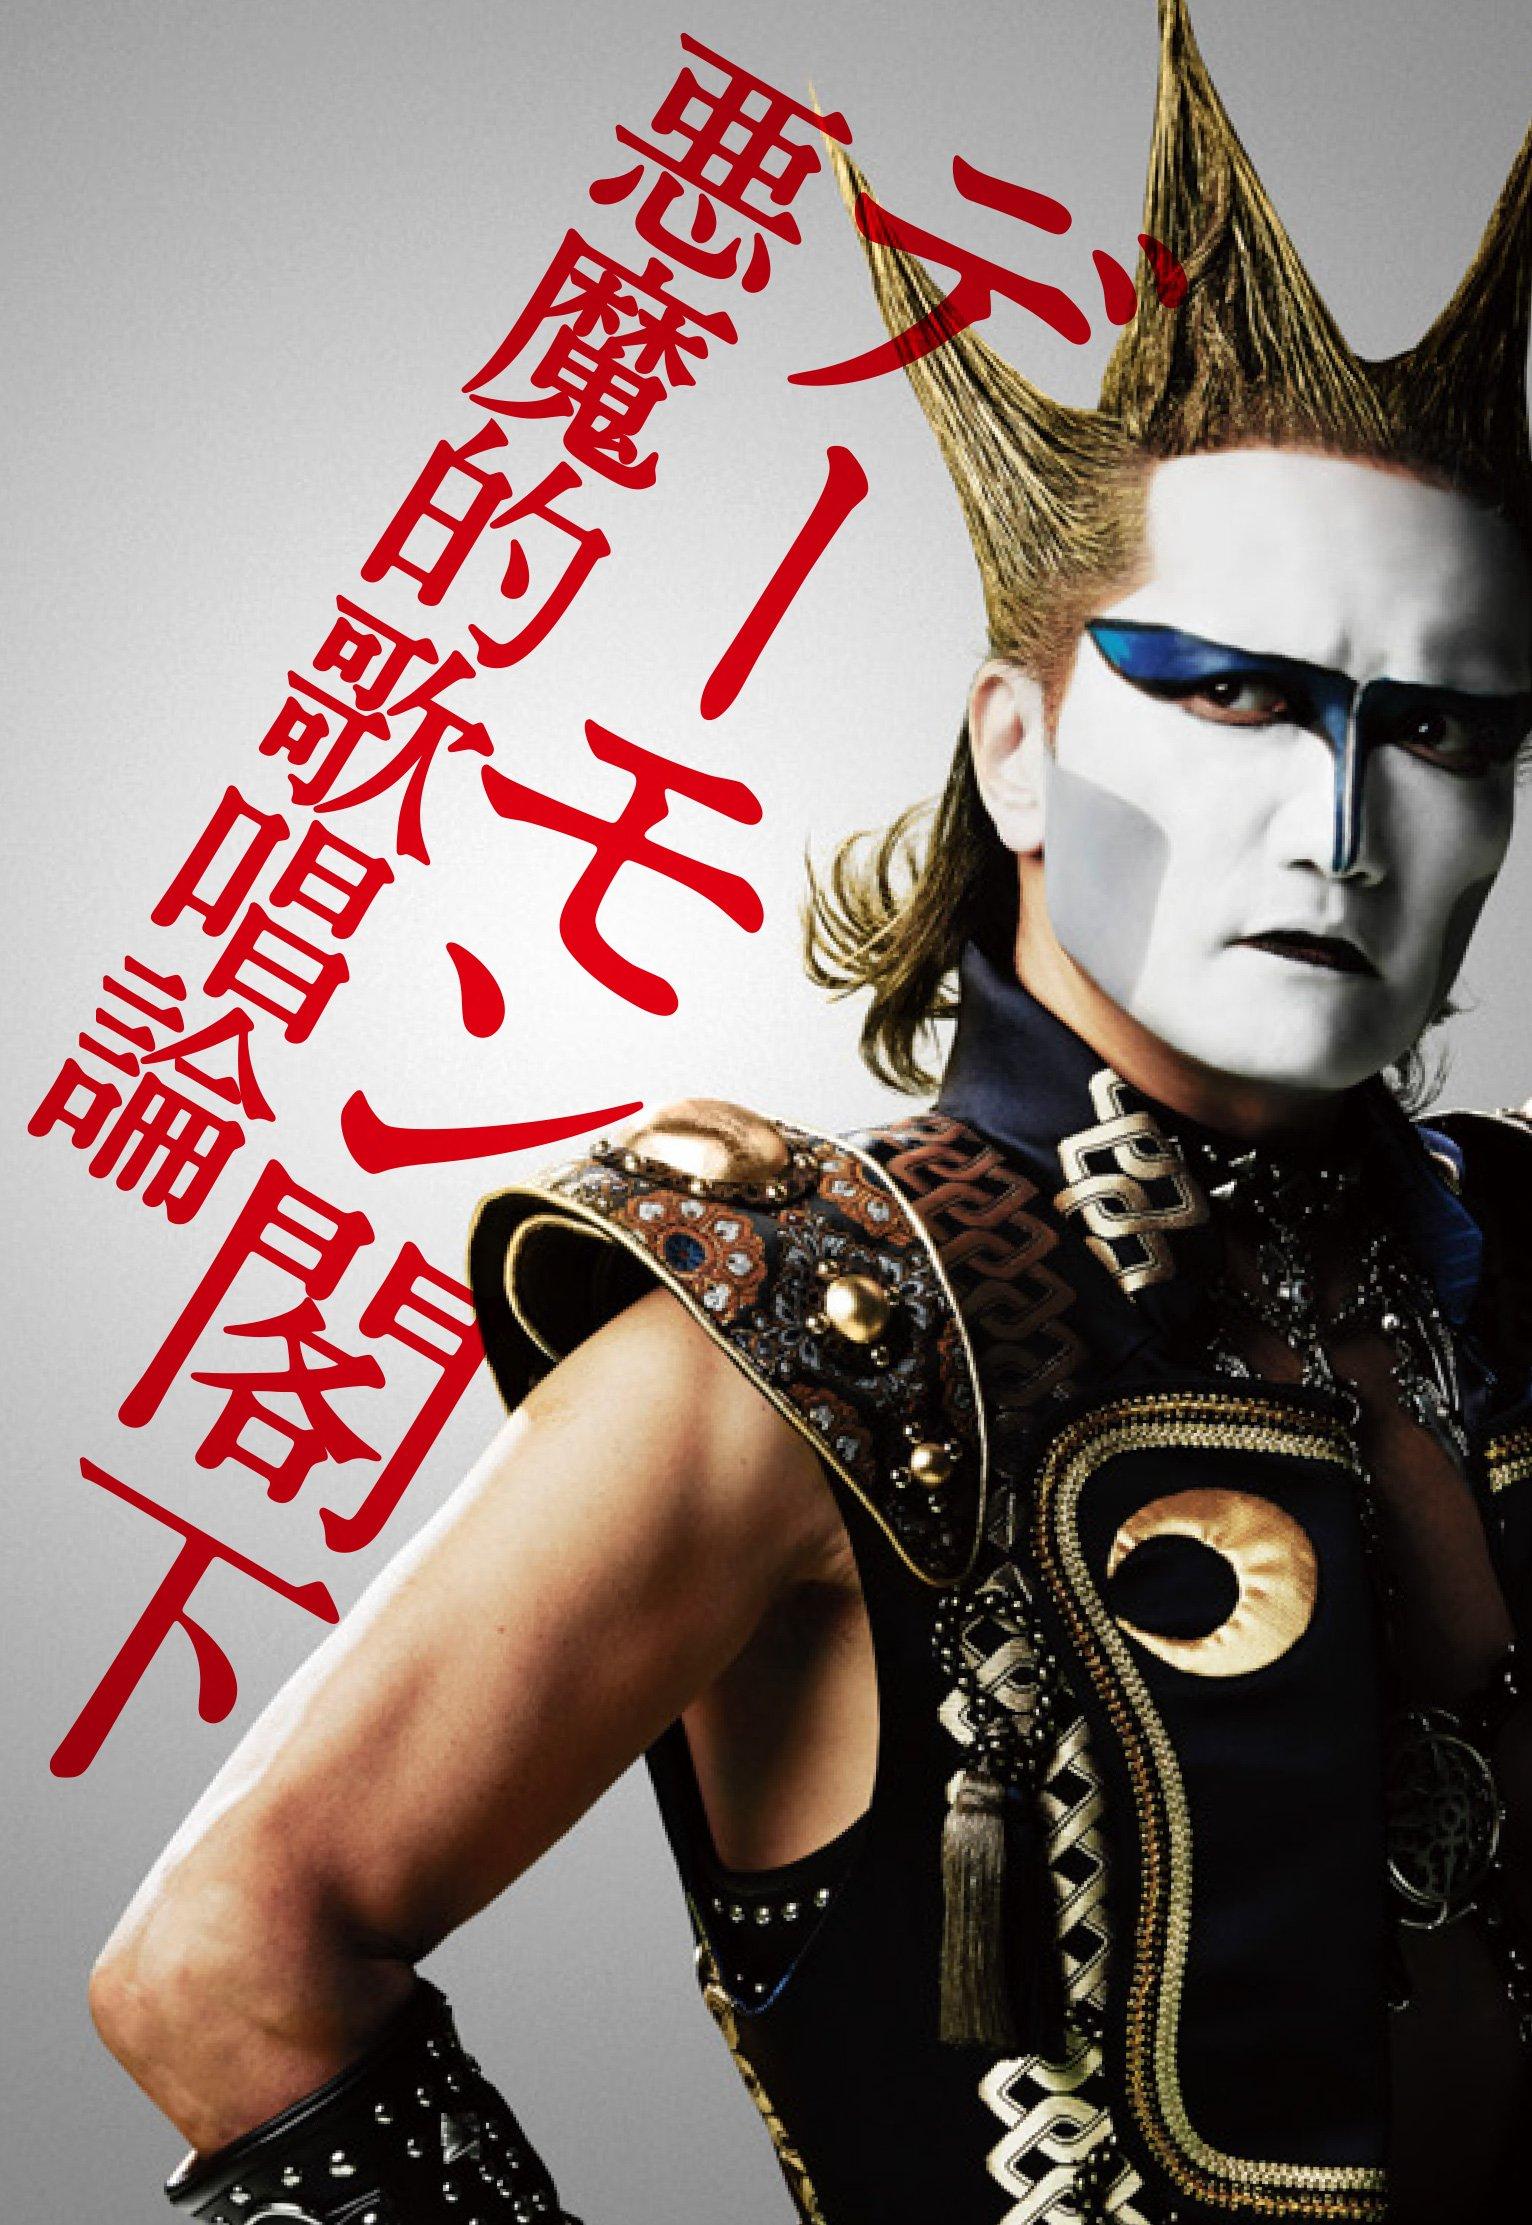 【アニメ速報】デーモン閣下、NHKアニメのキャラが「吾輩の姿の無断使用」であると激怒。